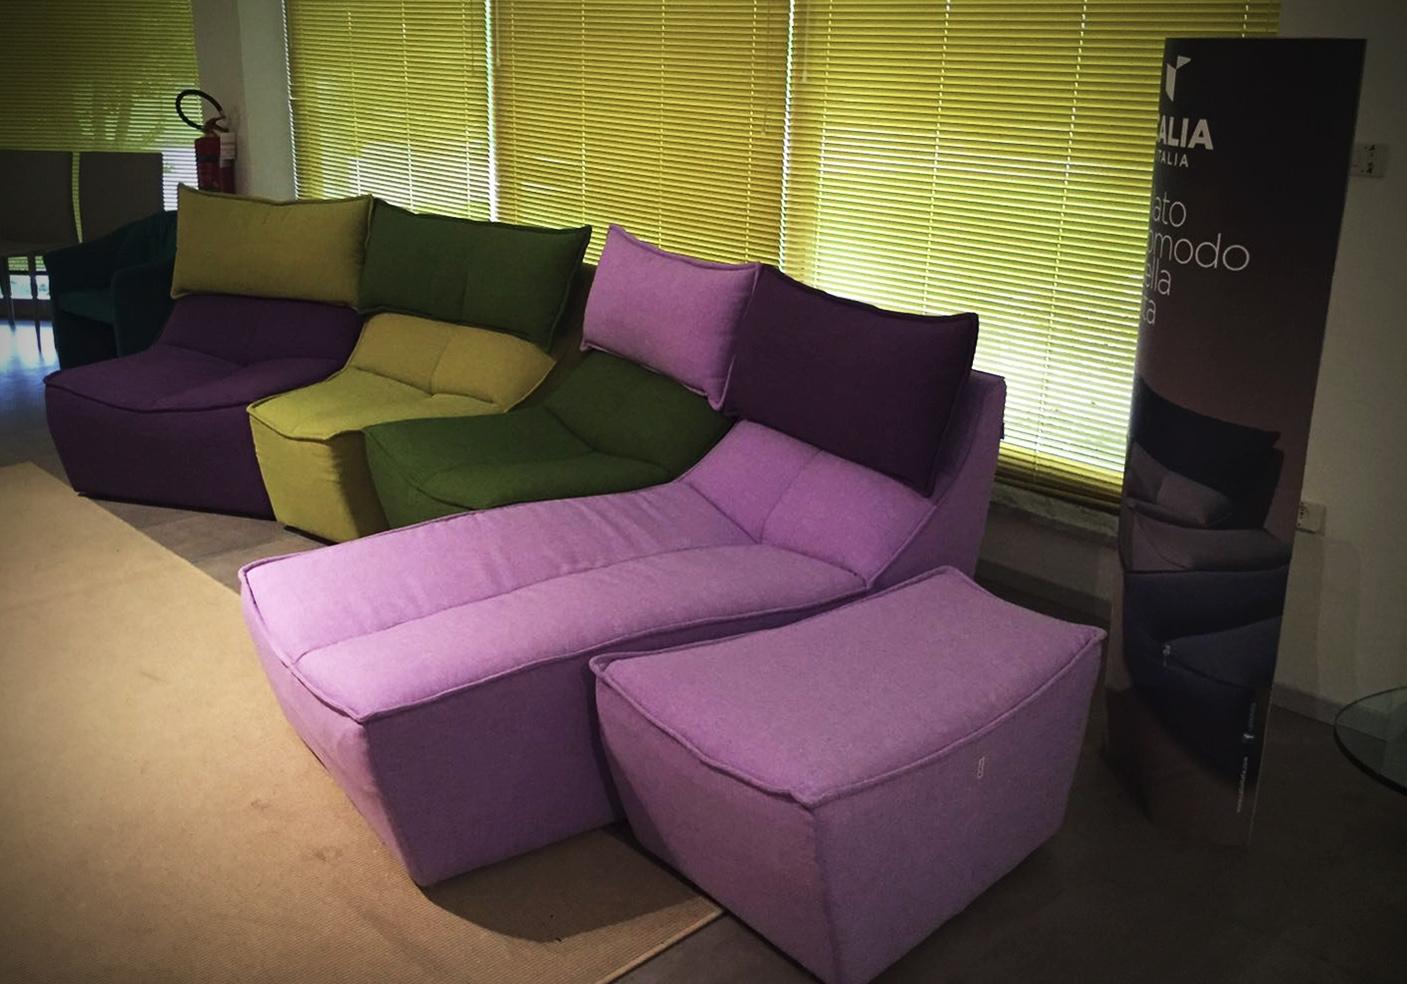 calia divano hip hop scontato del -49 % - divani a prezzi scontati